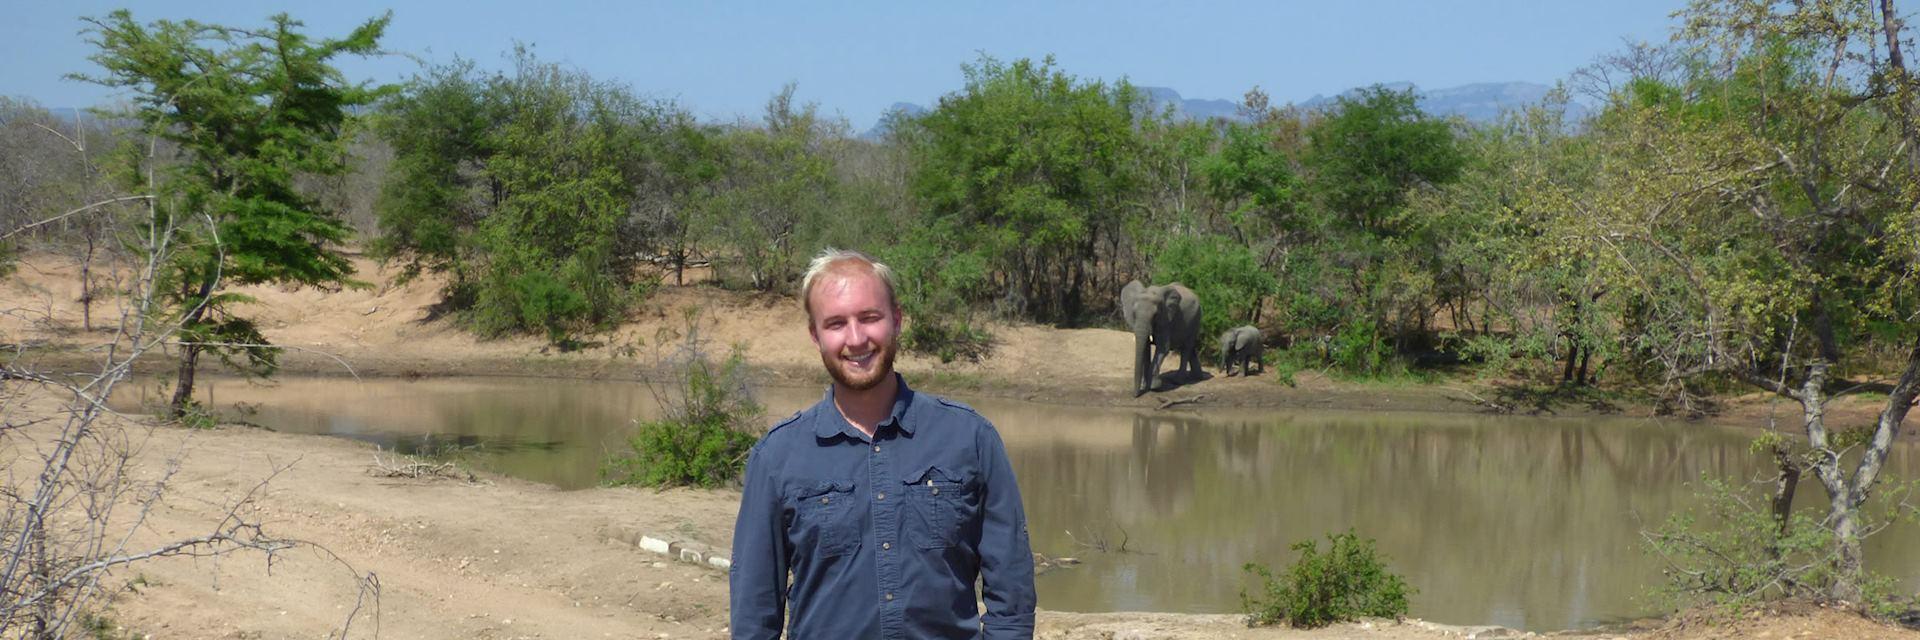 Kapama Reserve, Kruger National Park